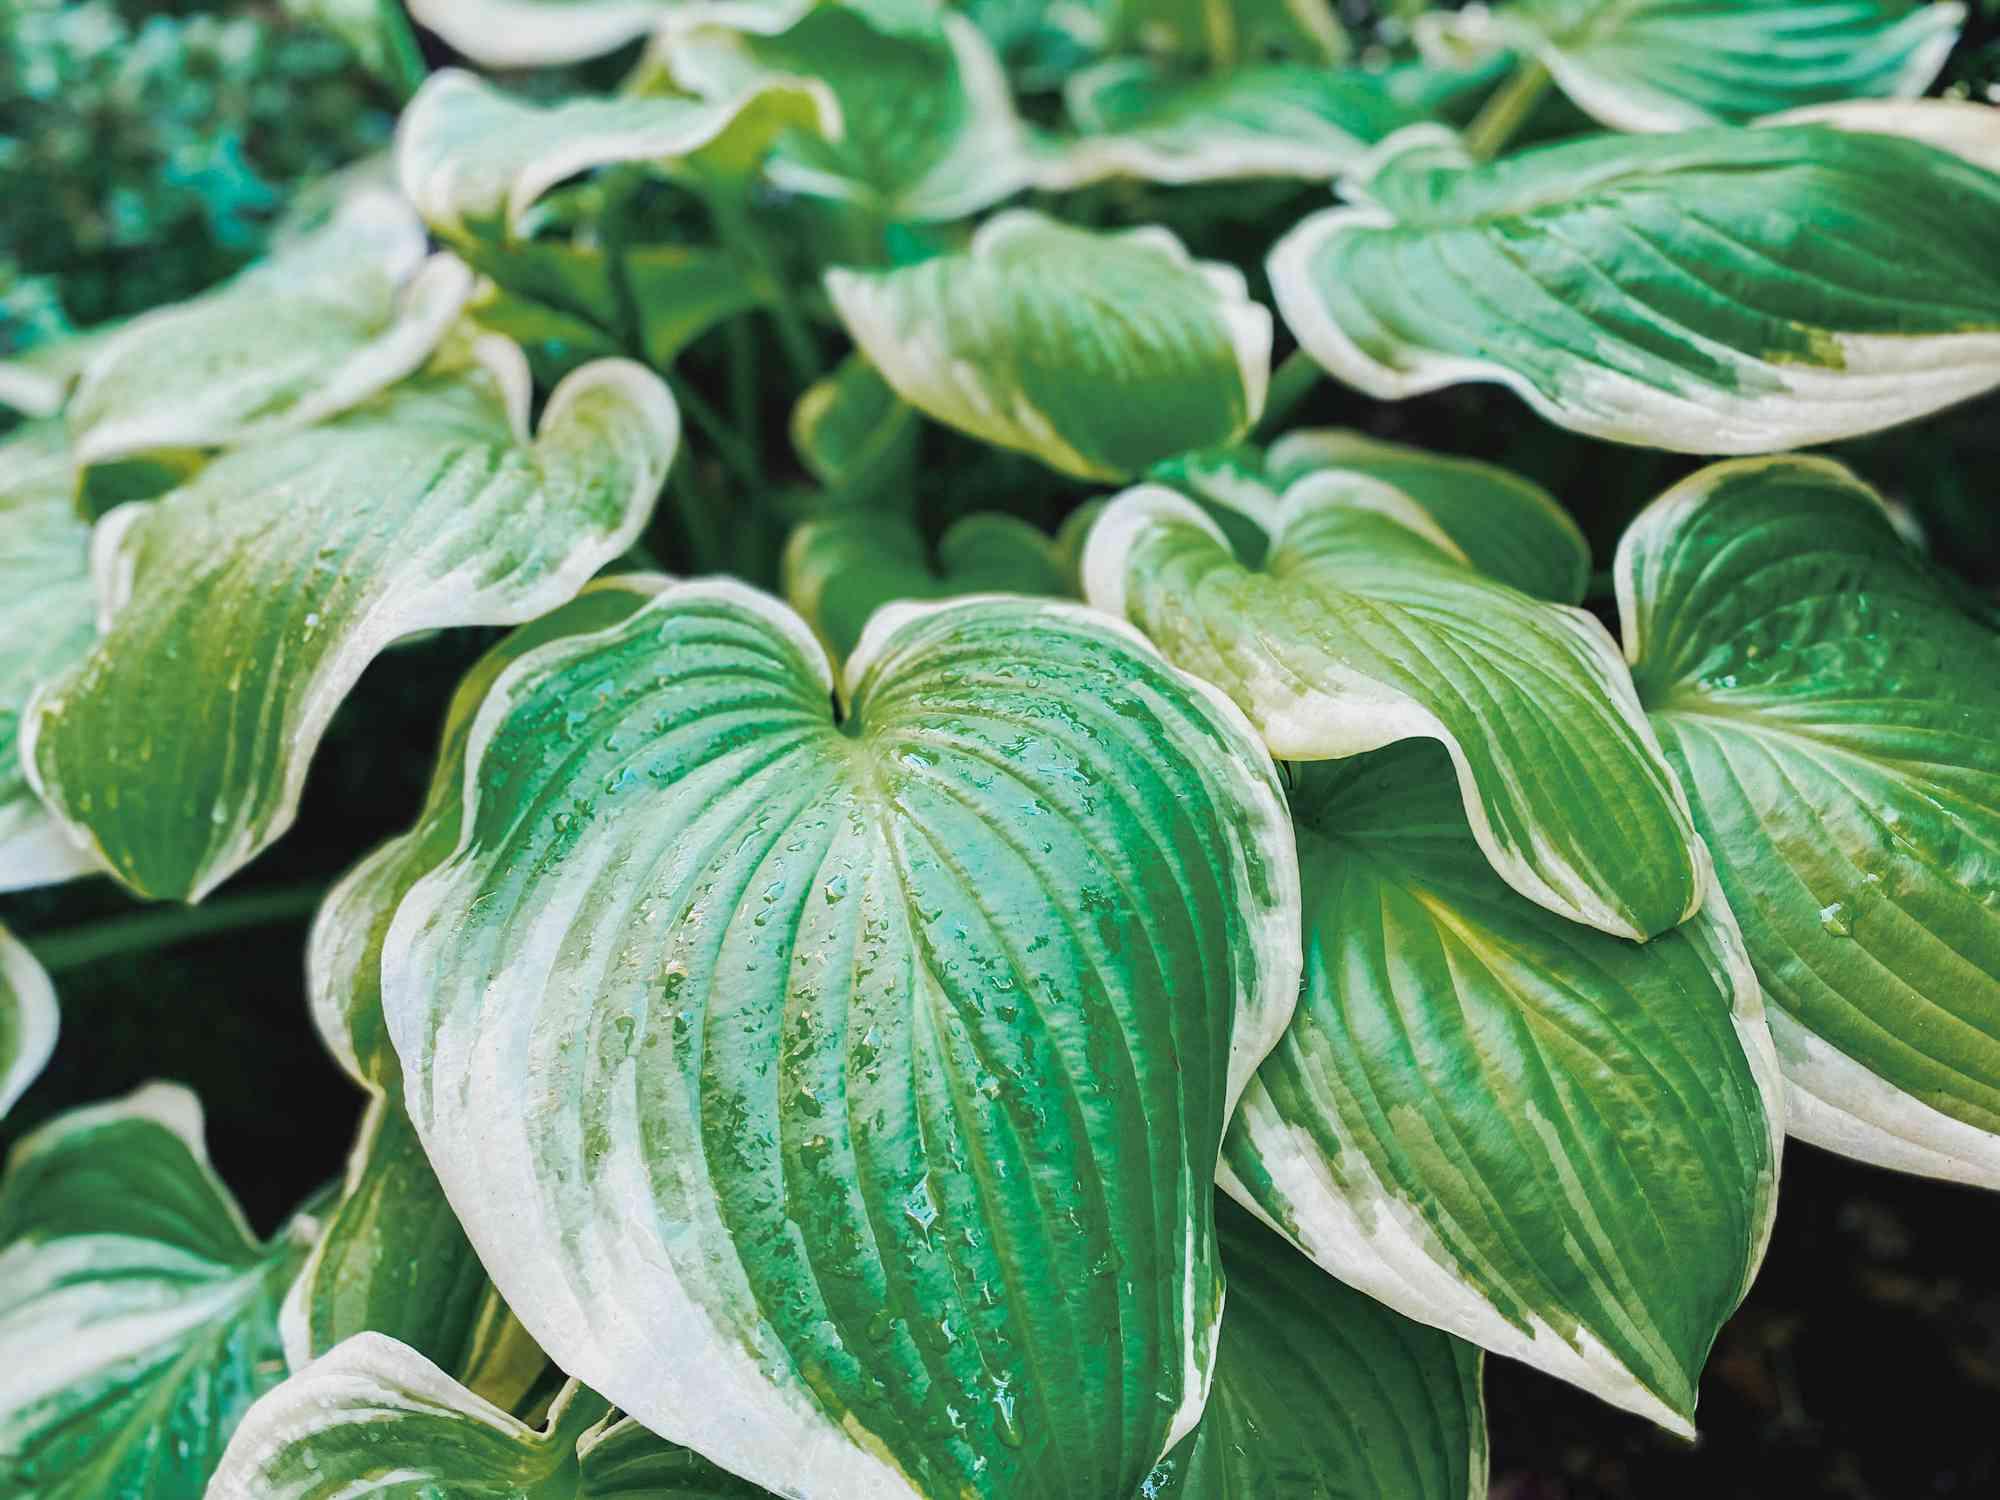 'Frozen Margarita' Hosta foliage close up